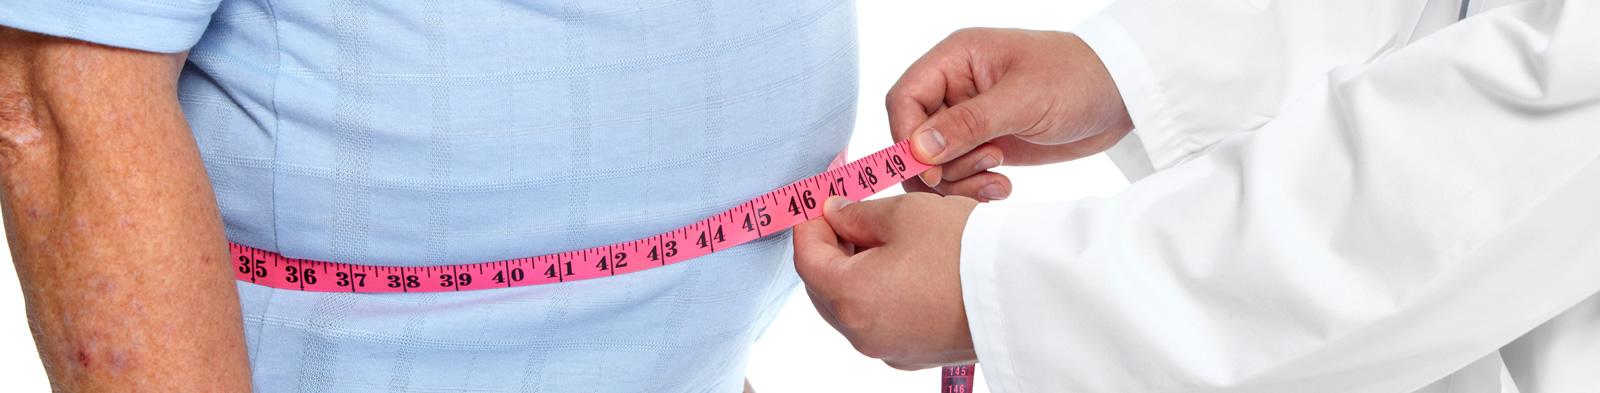 Doctor measuring patient's waist